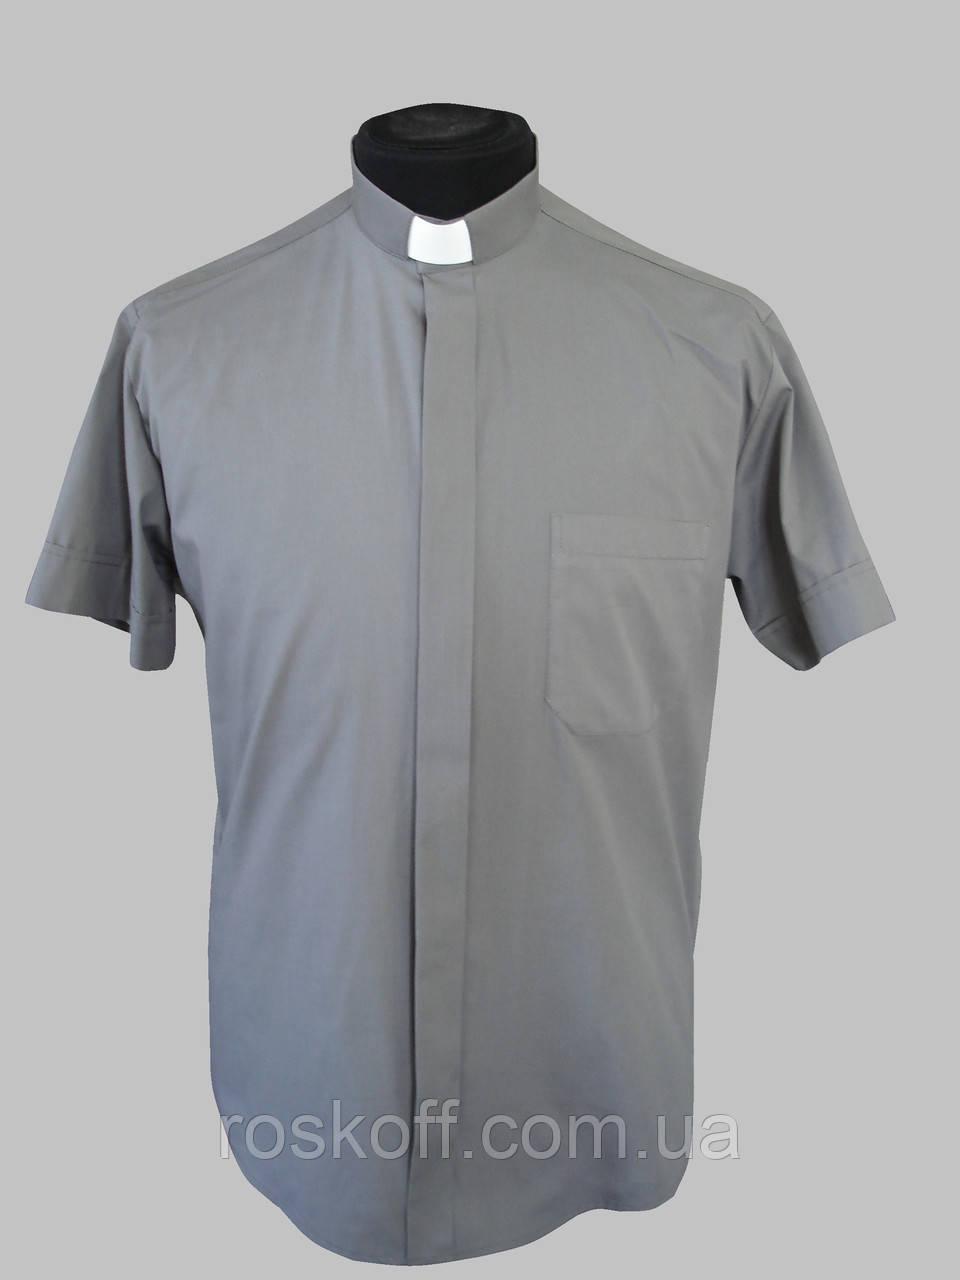 Рубашка для священников темно-серого цвета с длинным рукавом